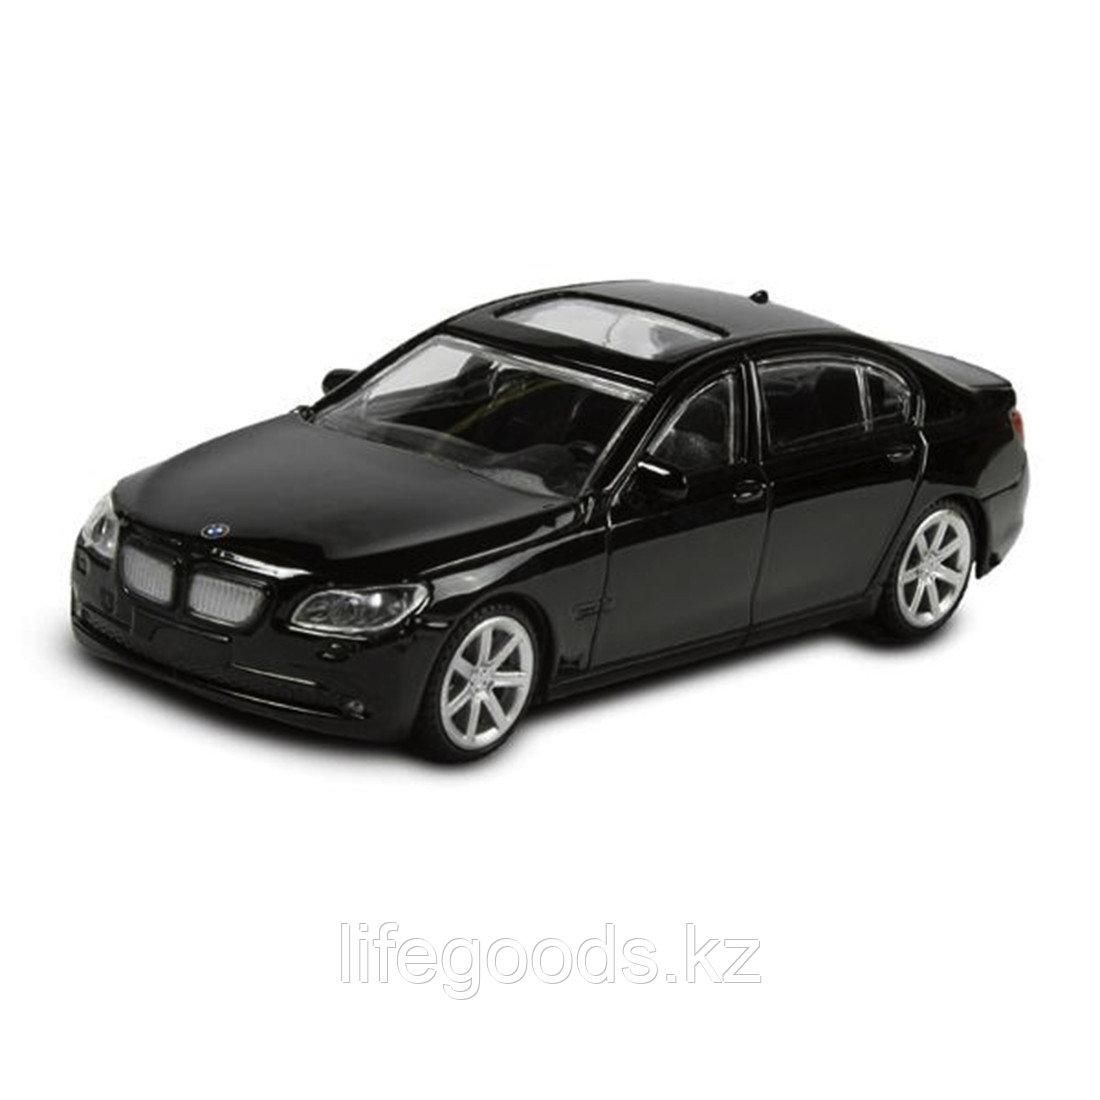 Металлическая машинка RASTAR 1:43 BMW 7 series 37600B